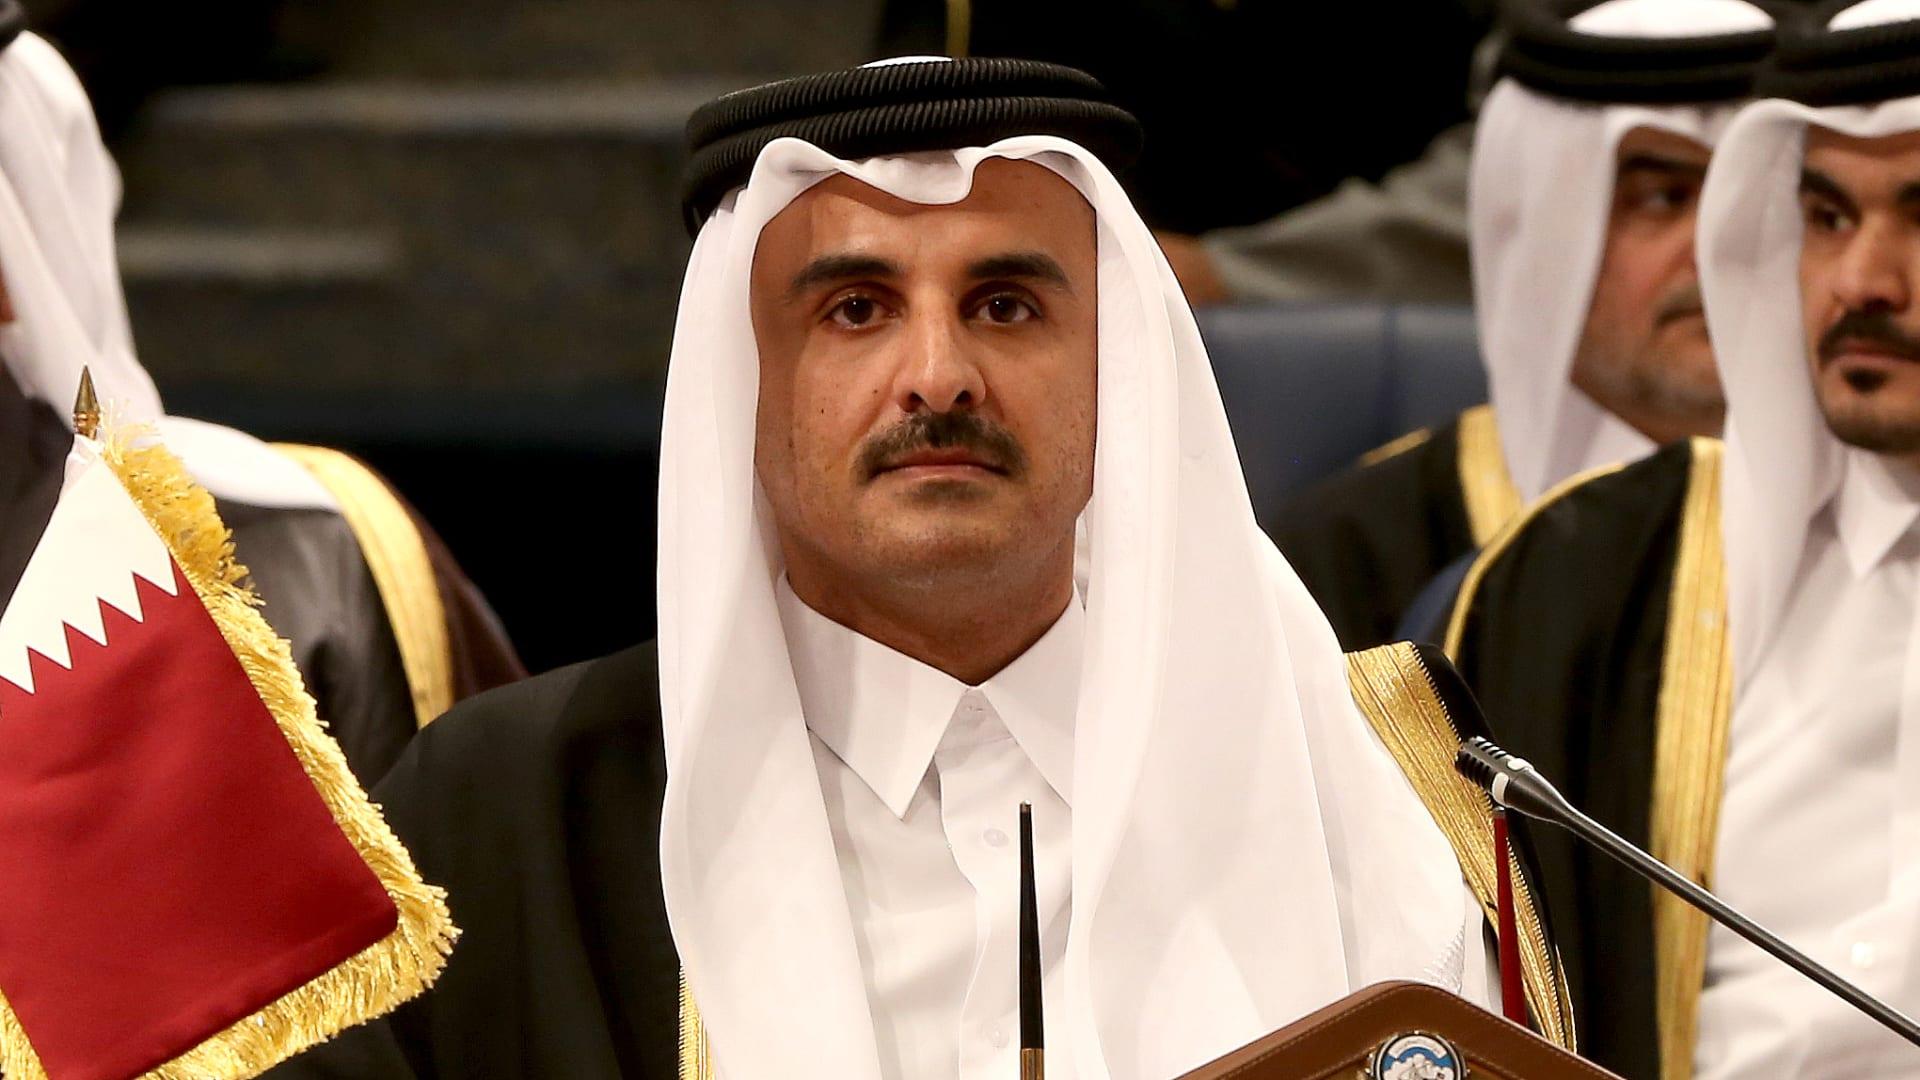 بعد المصالحة مع قطر.. كيف سيكون الاقتصاد الخليجي وما التوقعات للبنان ومصر؟